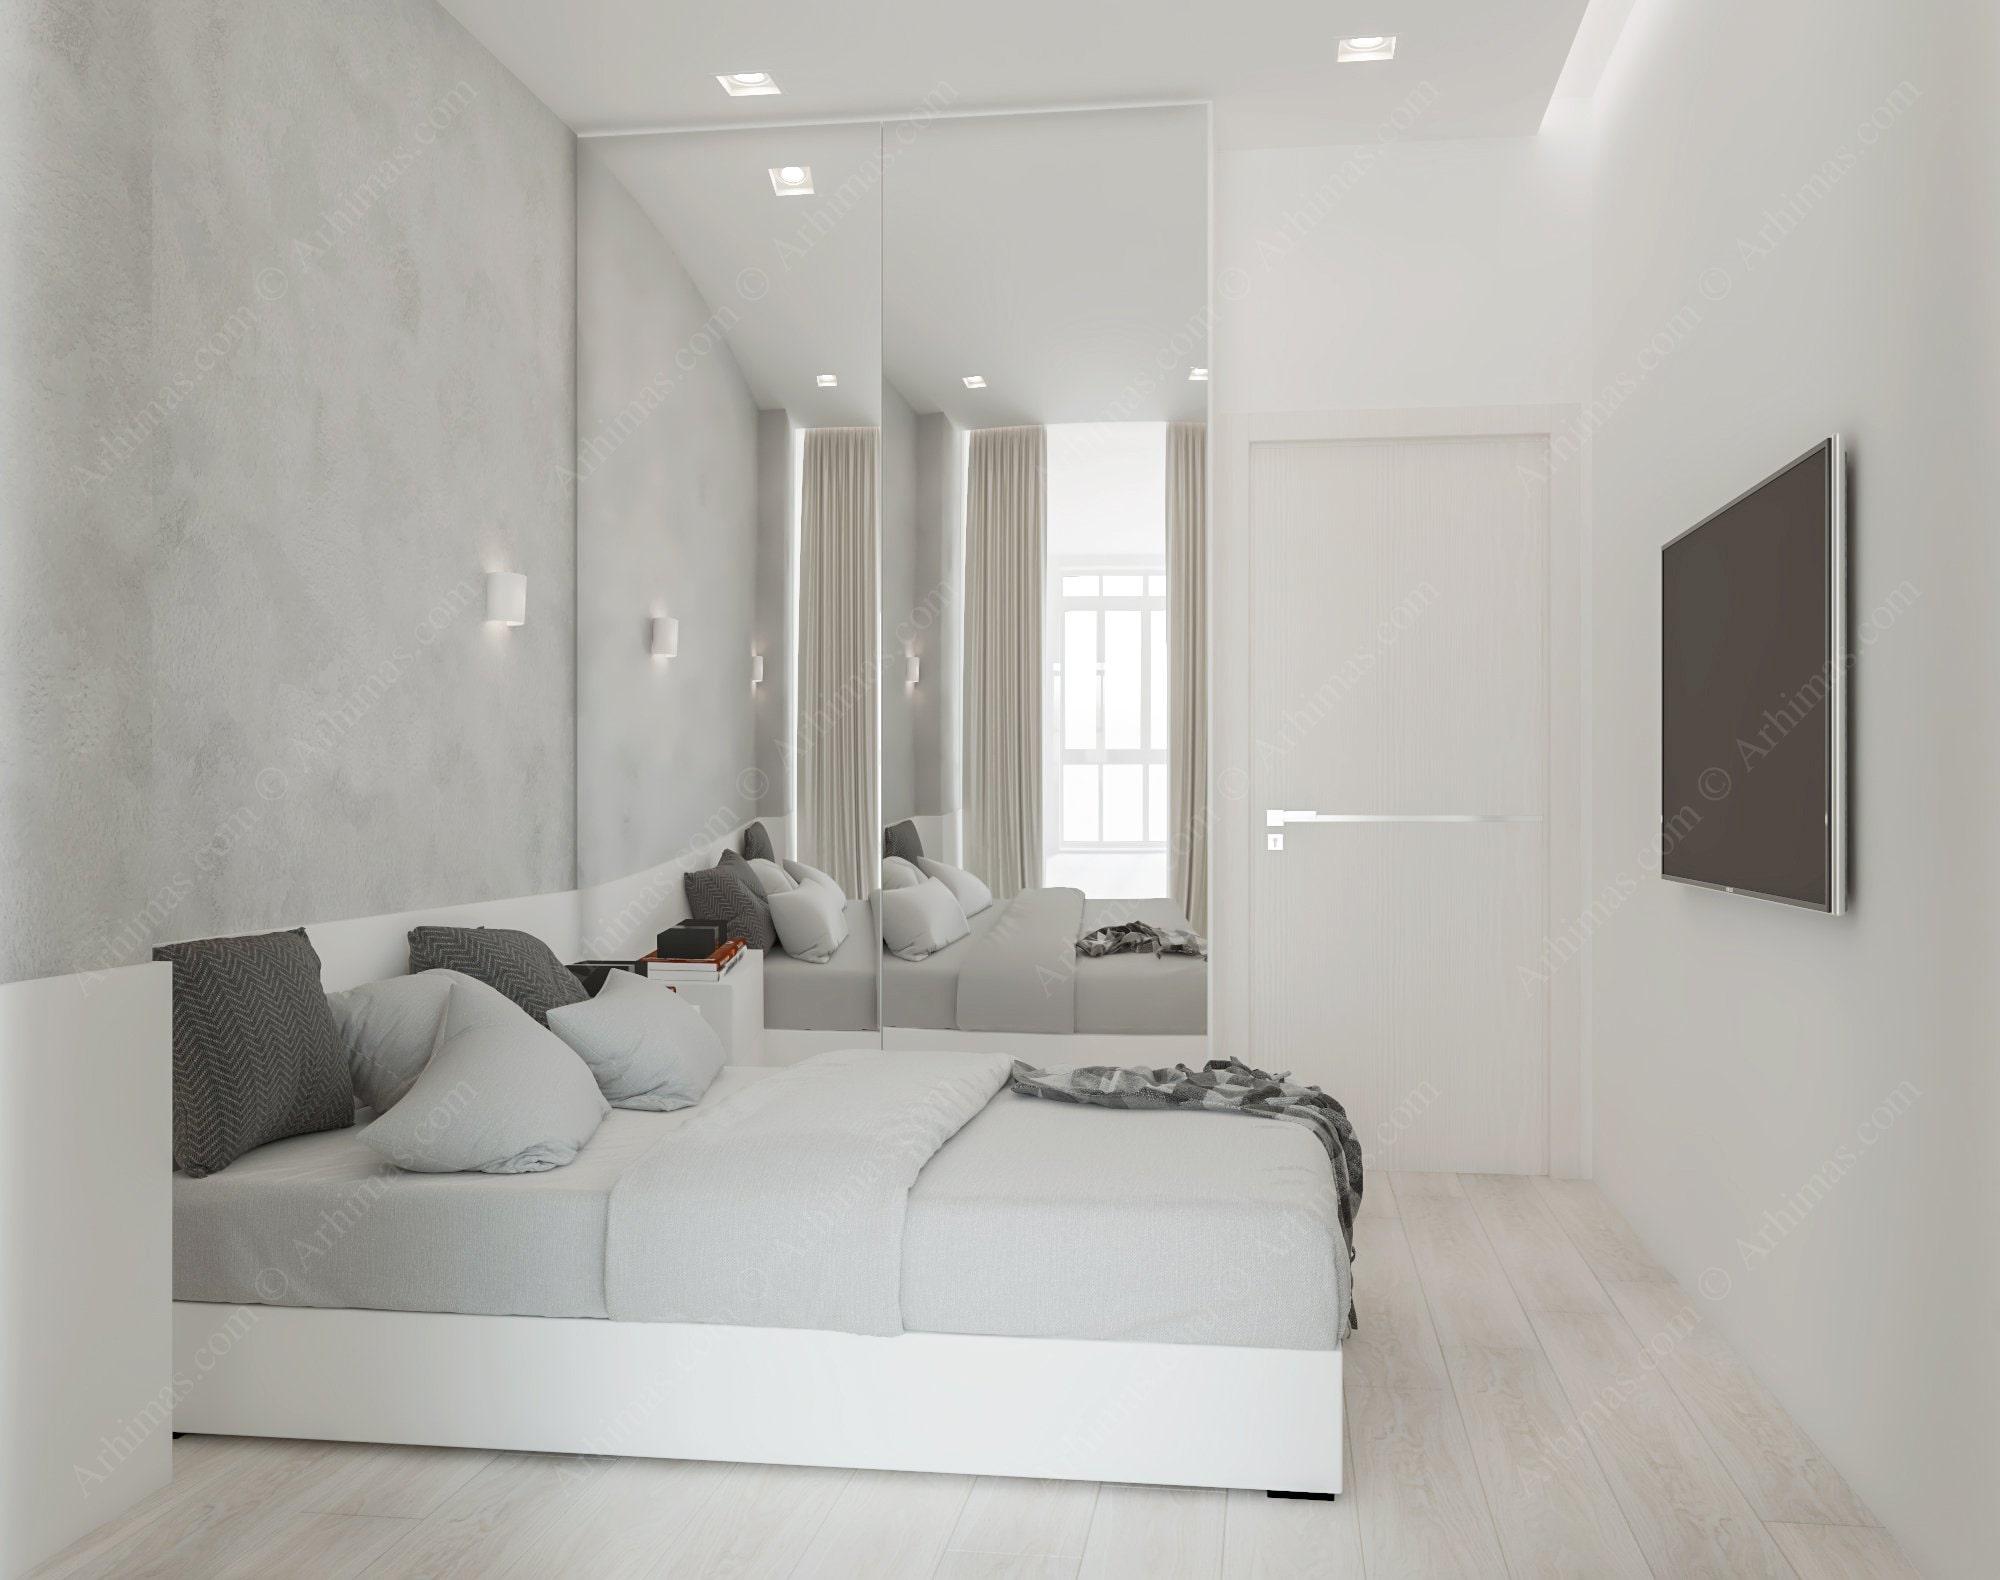 Цены на дизайн интерьера трехкомнатной квартиры в Одессе